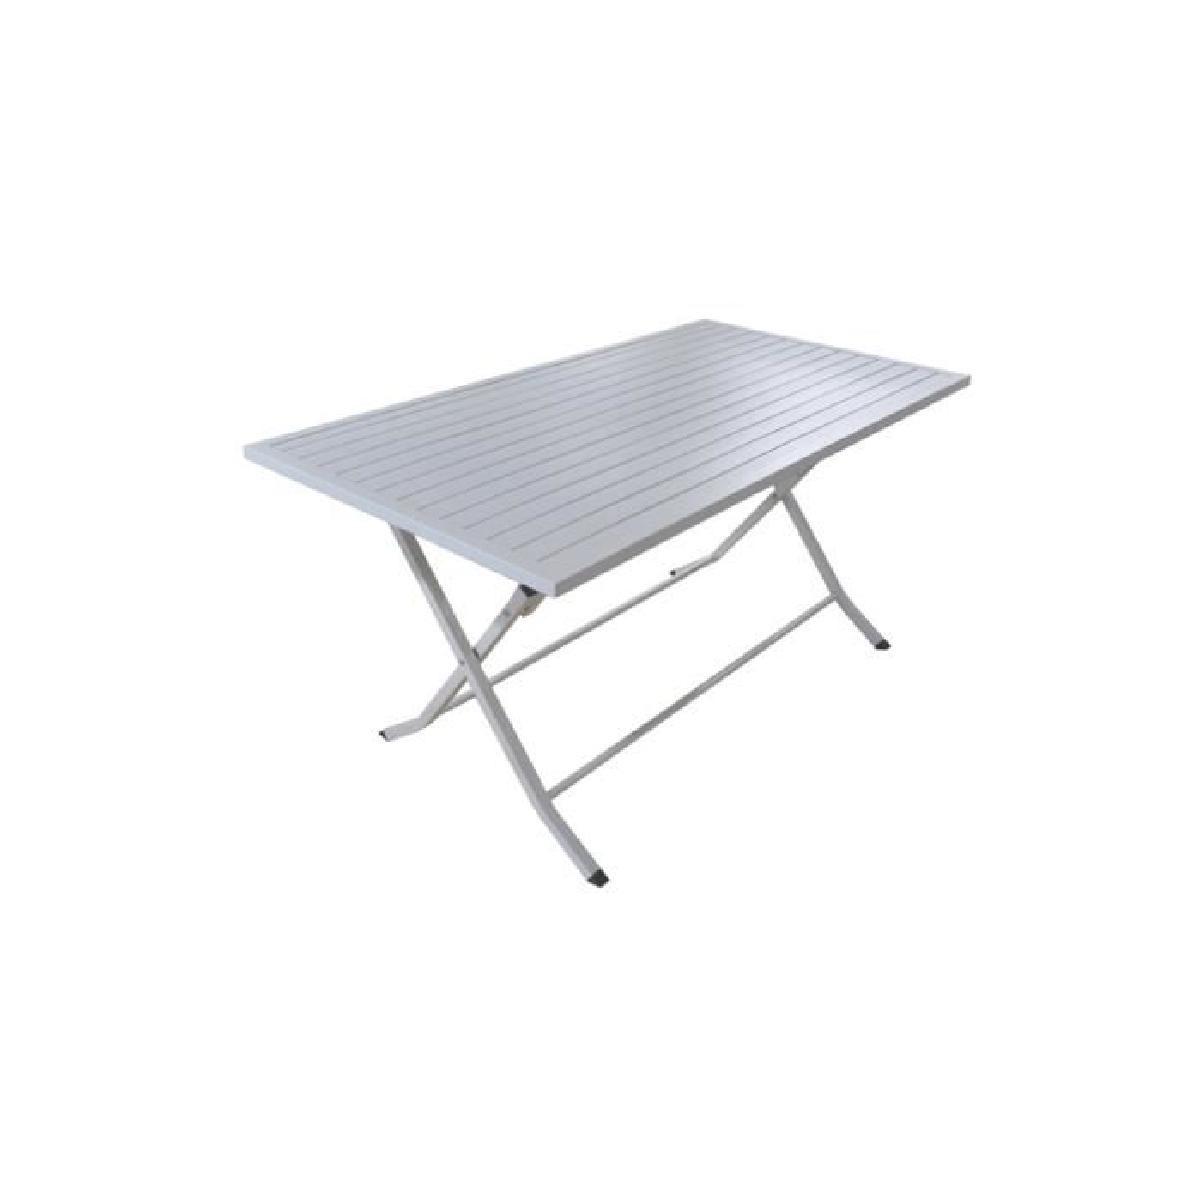 Table De Ping Pong Leclerc Impressionnant Photographie Les 24 Nouveau Table Pliante Resine